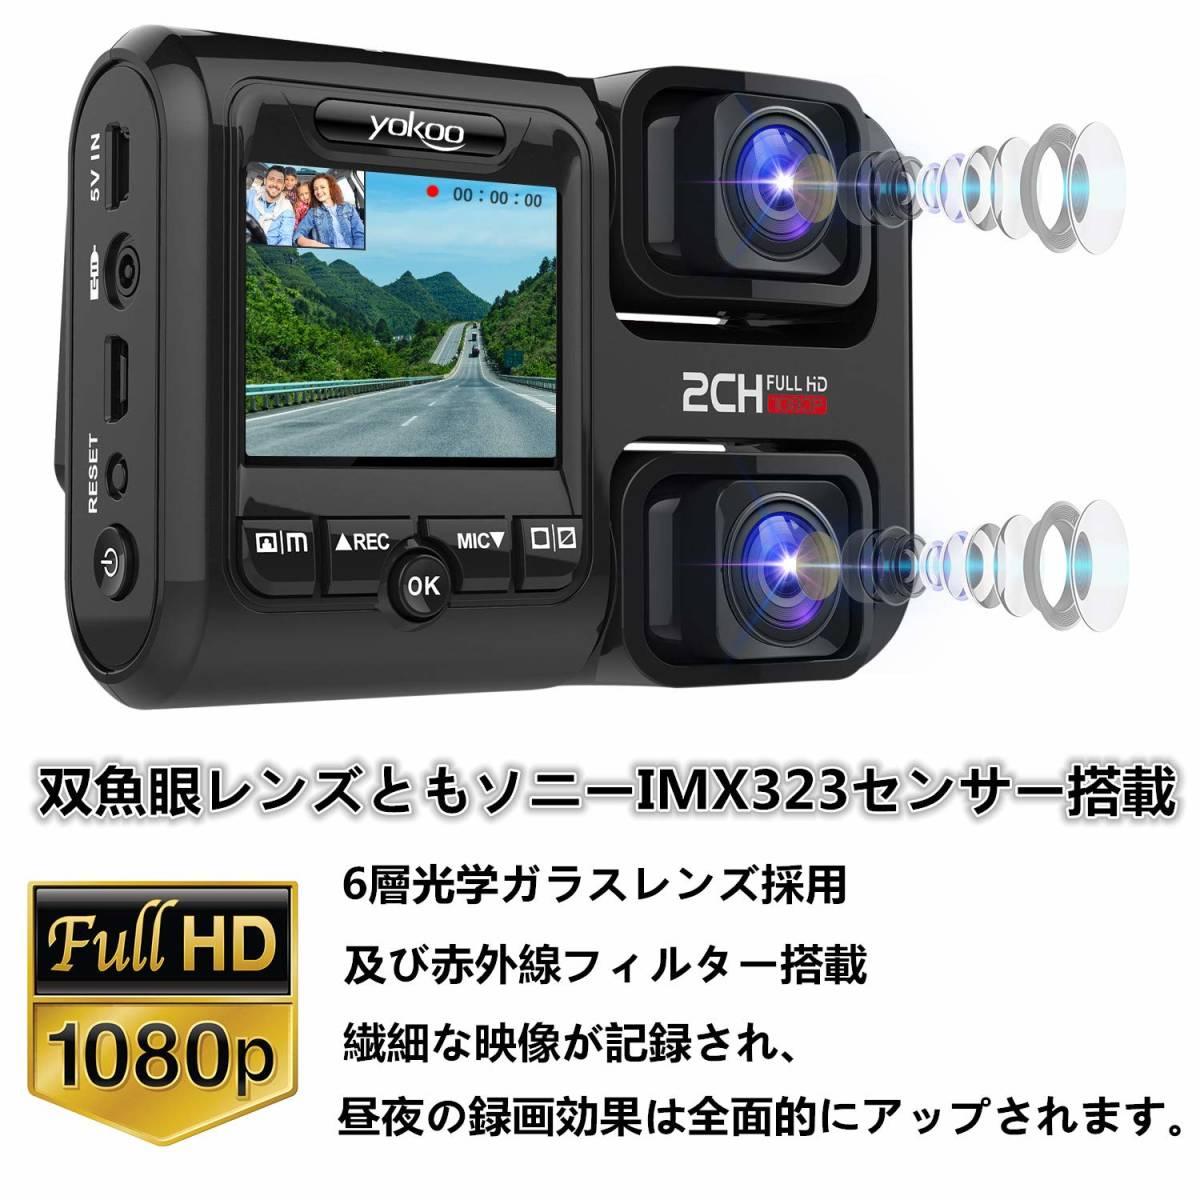 新品未使用 32Gカード付きドライブレコーダー 前後カメラ 1080PフルHD wifi搭載 内蔵GPS sonyセンサー 1200万画素 170度広角 WDR_画像2